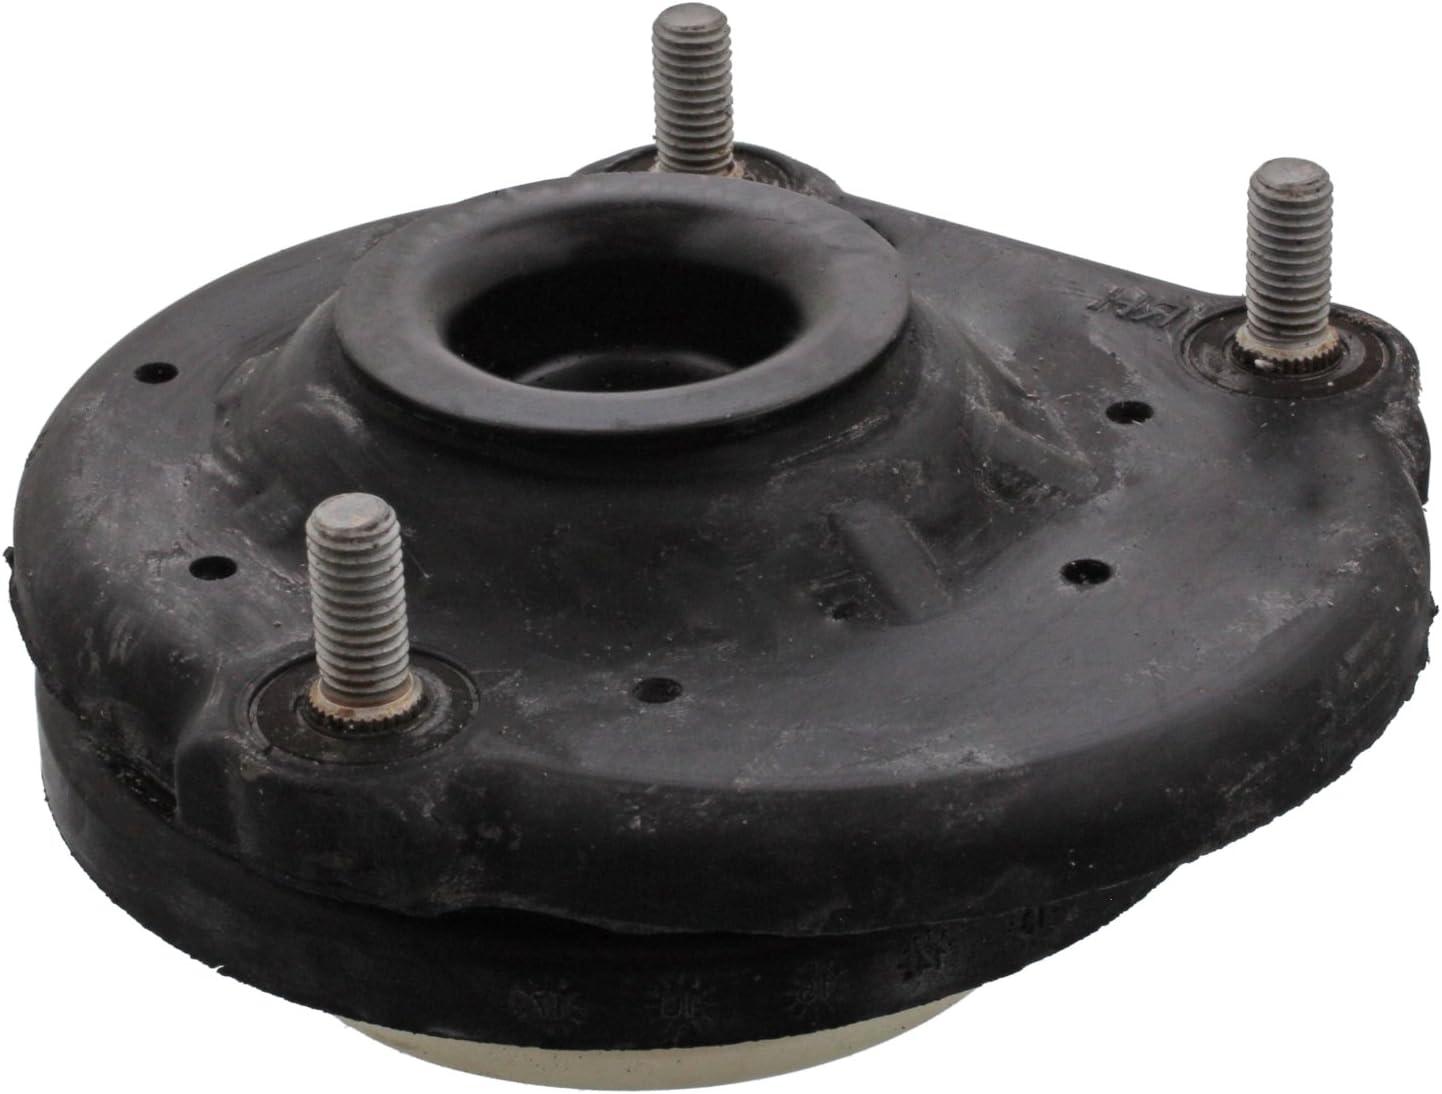 Febi Strut Mount Replacement Parts Automotive lparsa.com